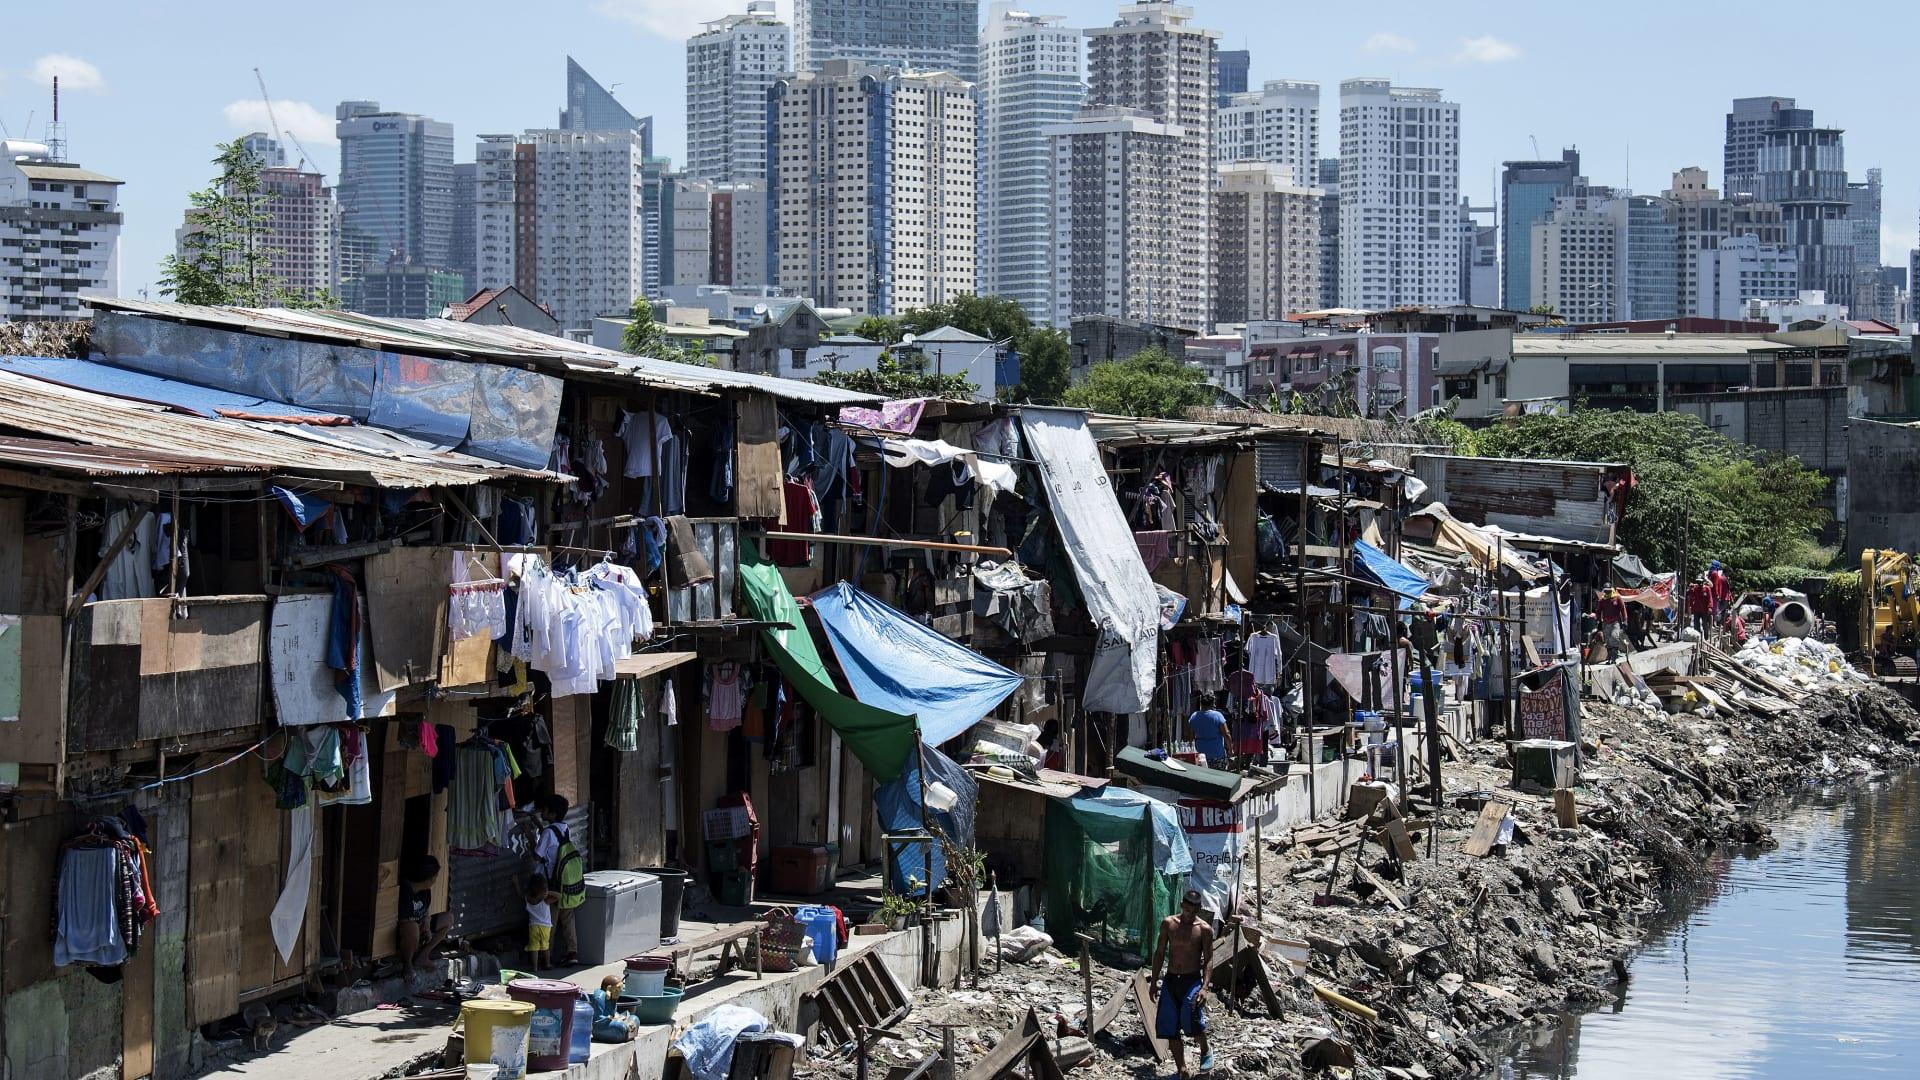 ما الفرق بين الكساد والركود الاقتصادي؟